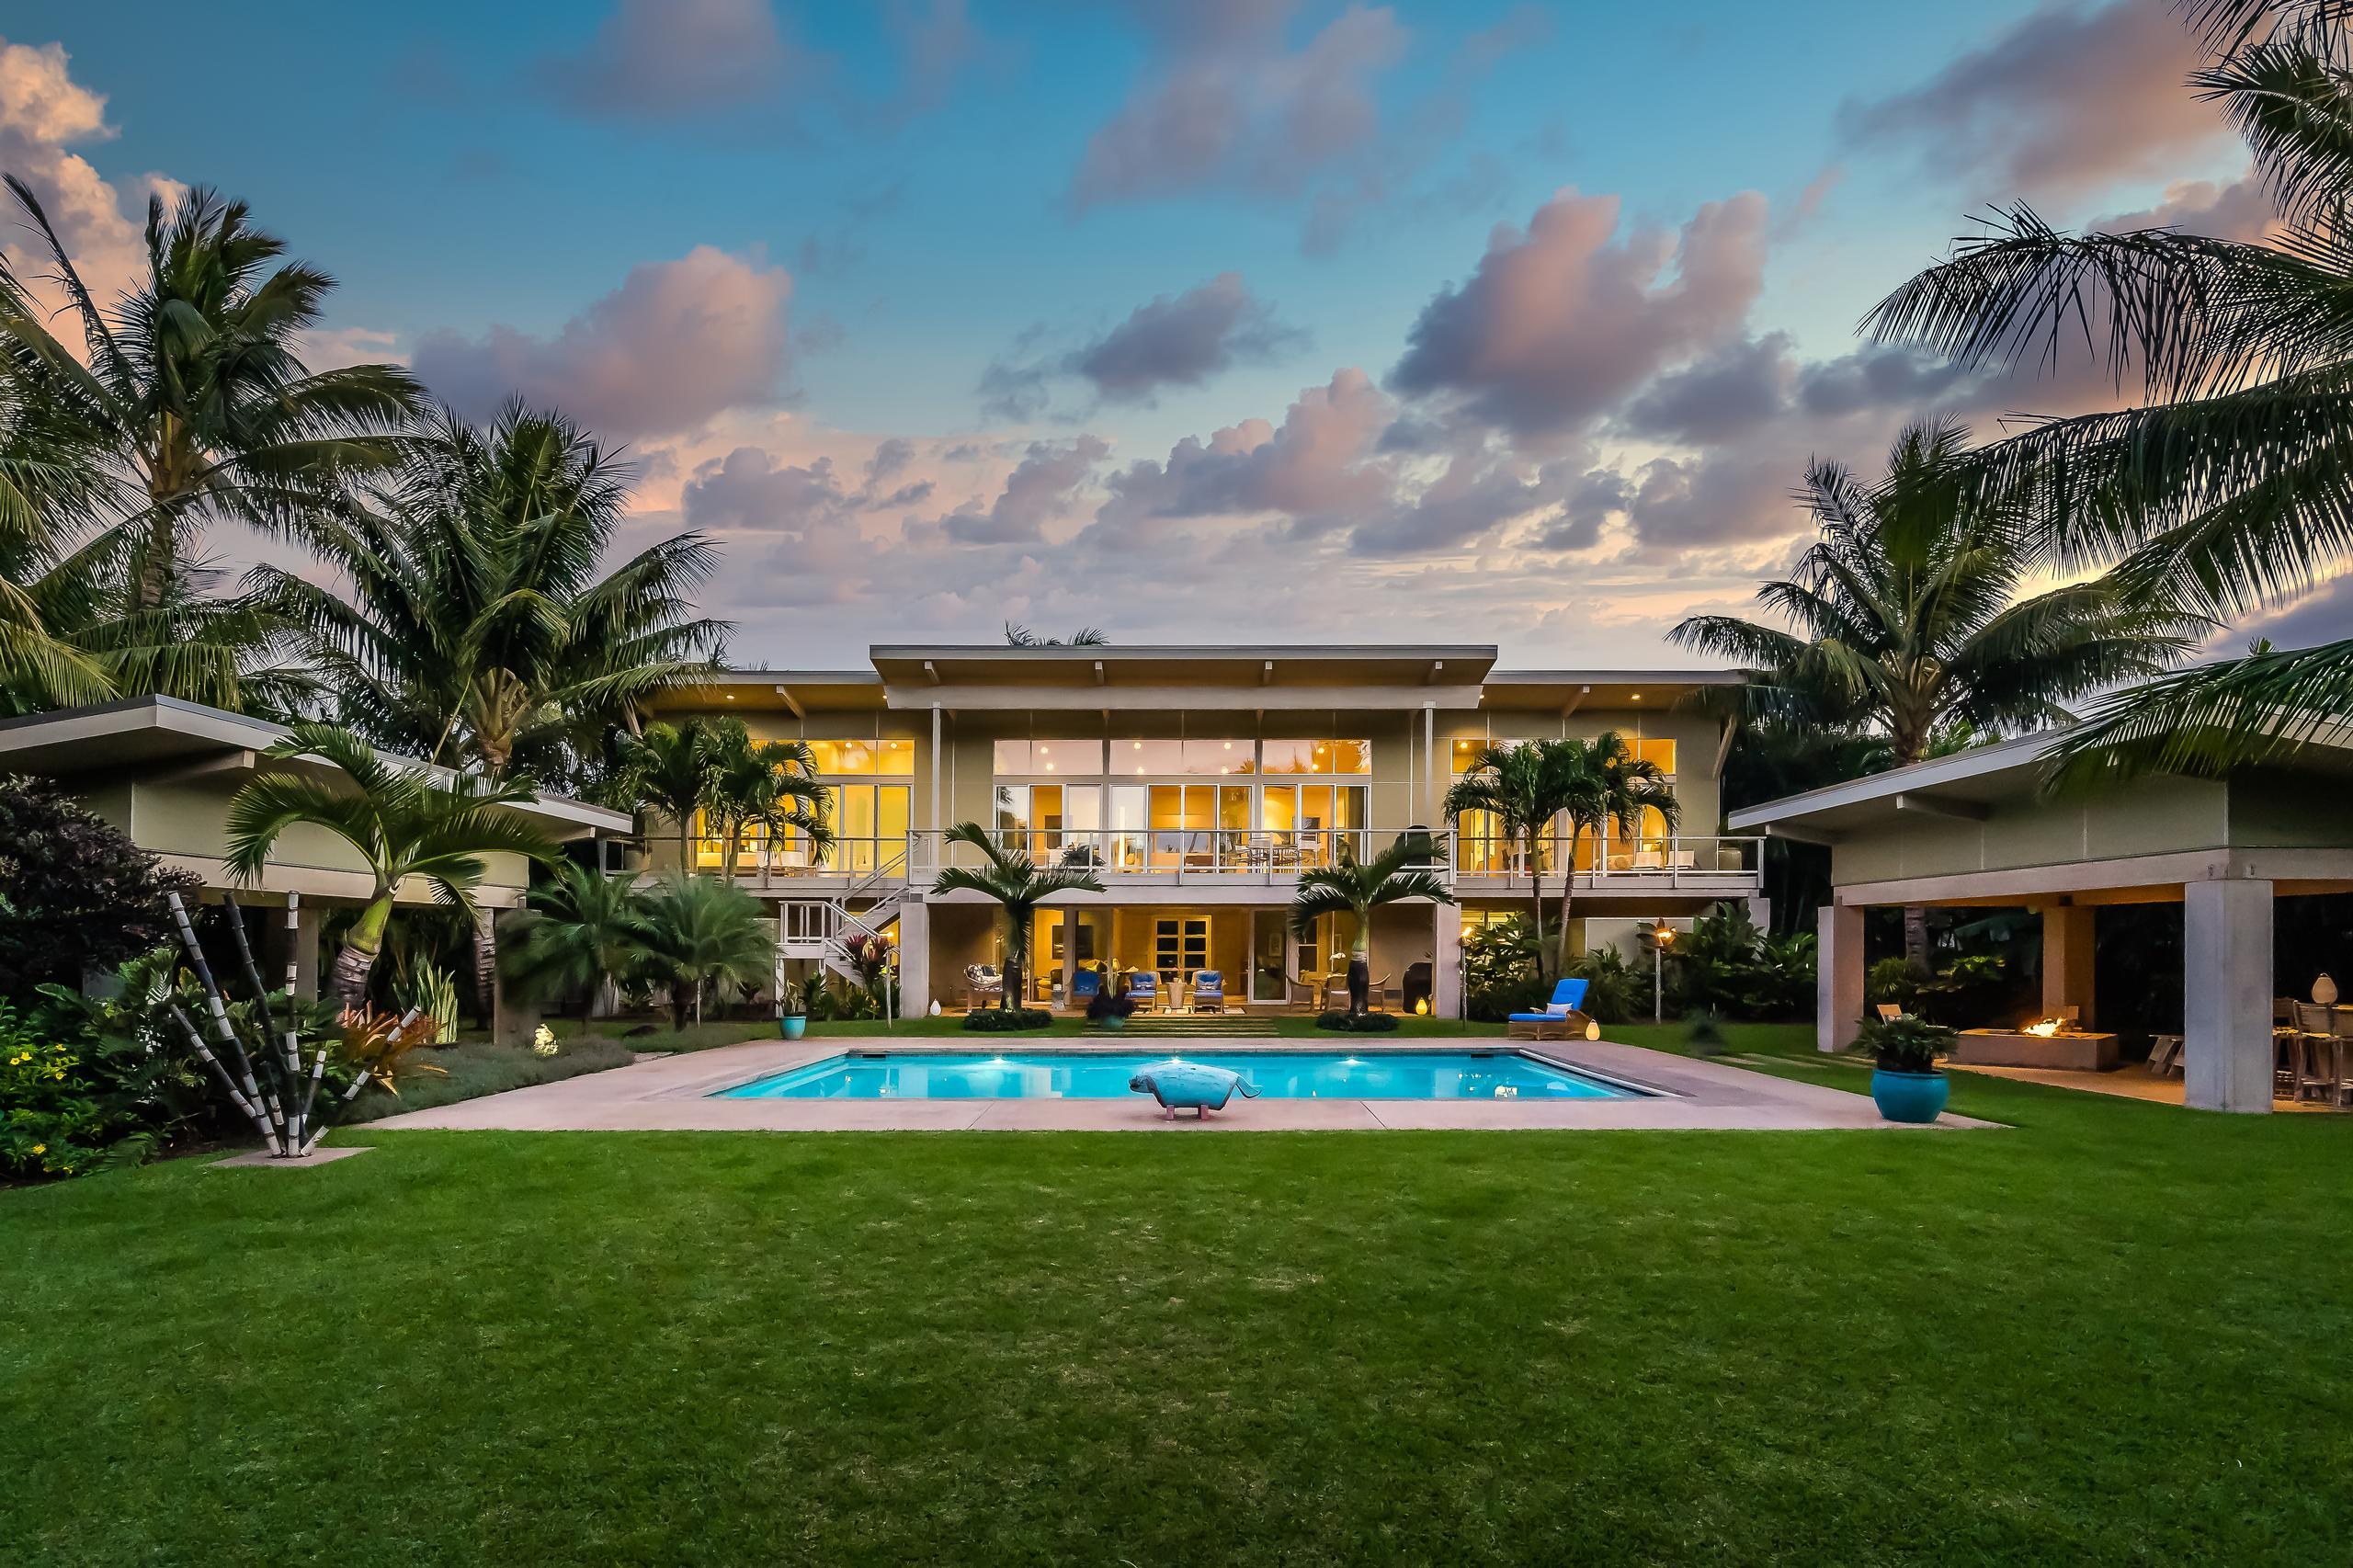 Paia Real Estate Lifestyle Photo 01